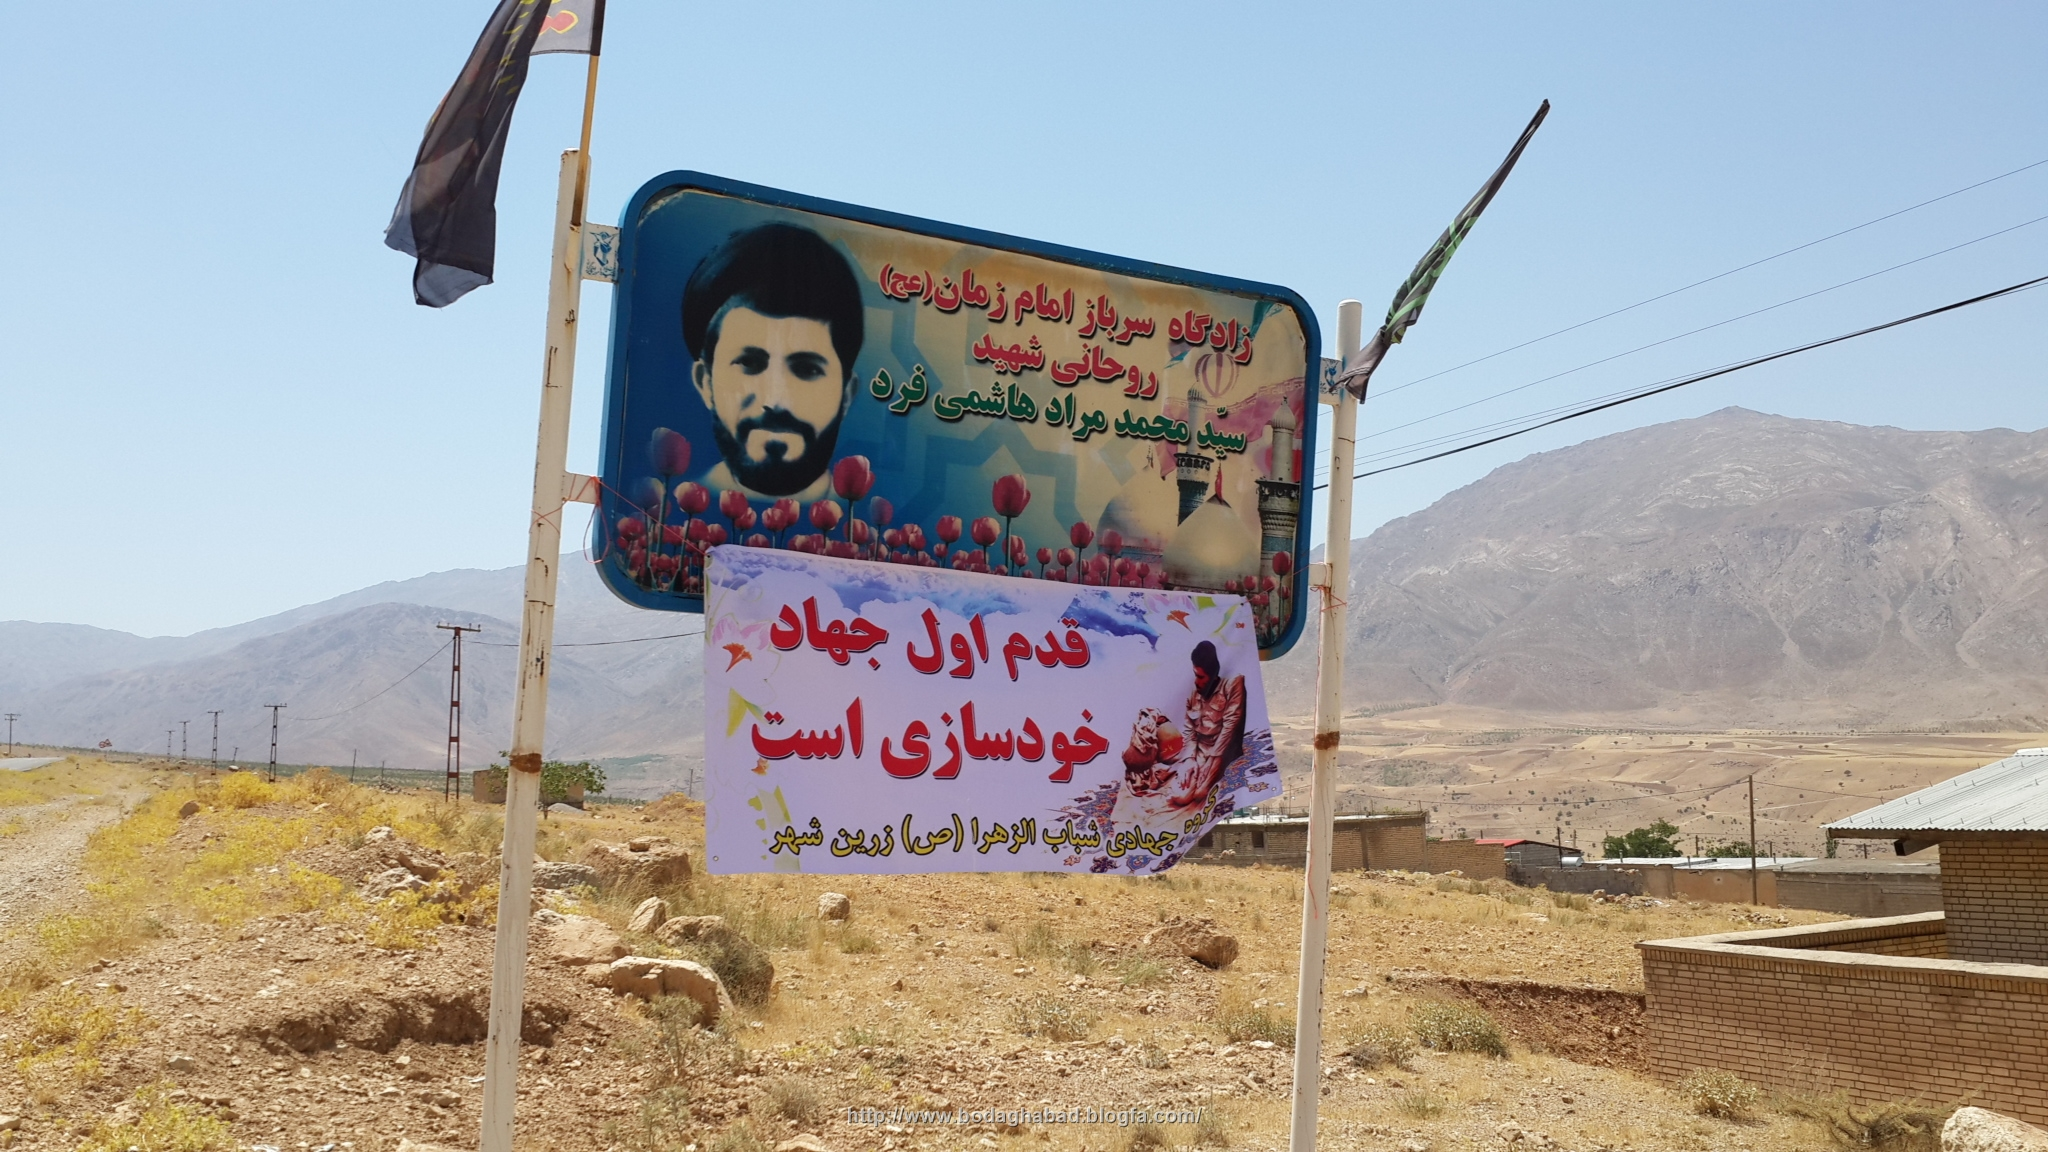 ناغان+جغدان+گروه جهادی+شباب الزهرا+زرین شهر،سیدجواد موسوی،بداغ آباد